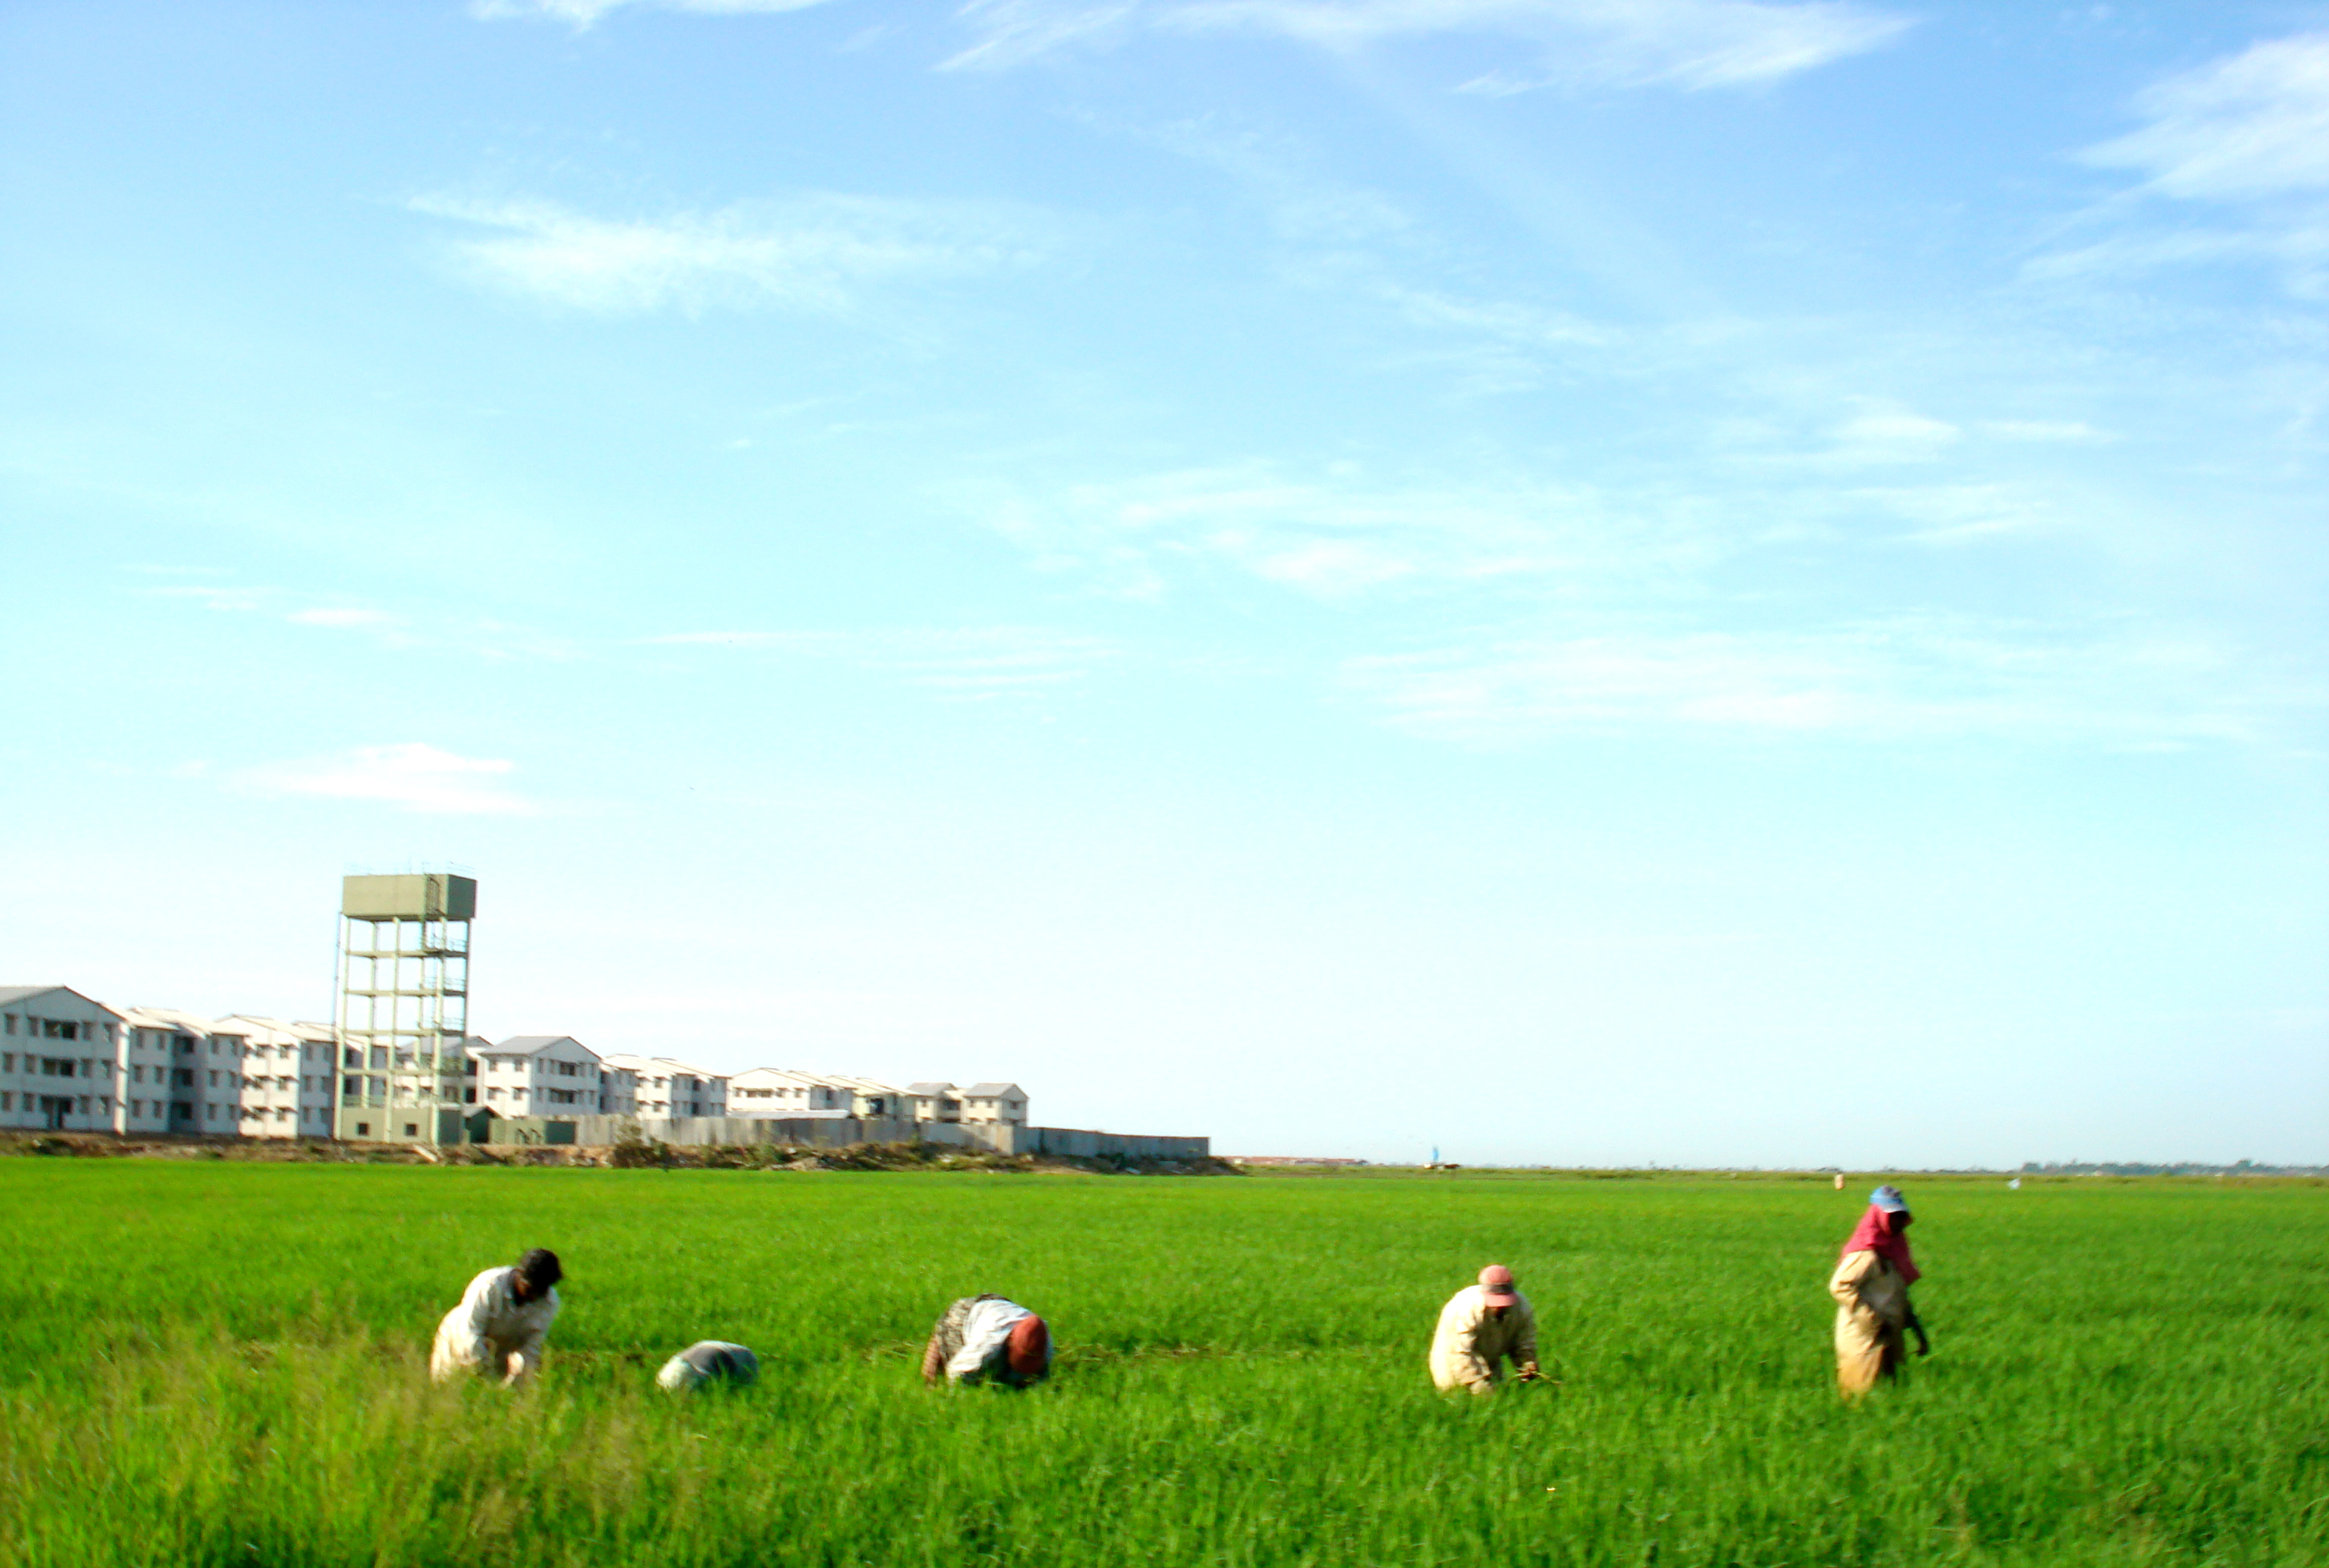 Paddy fields at kalmunai